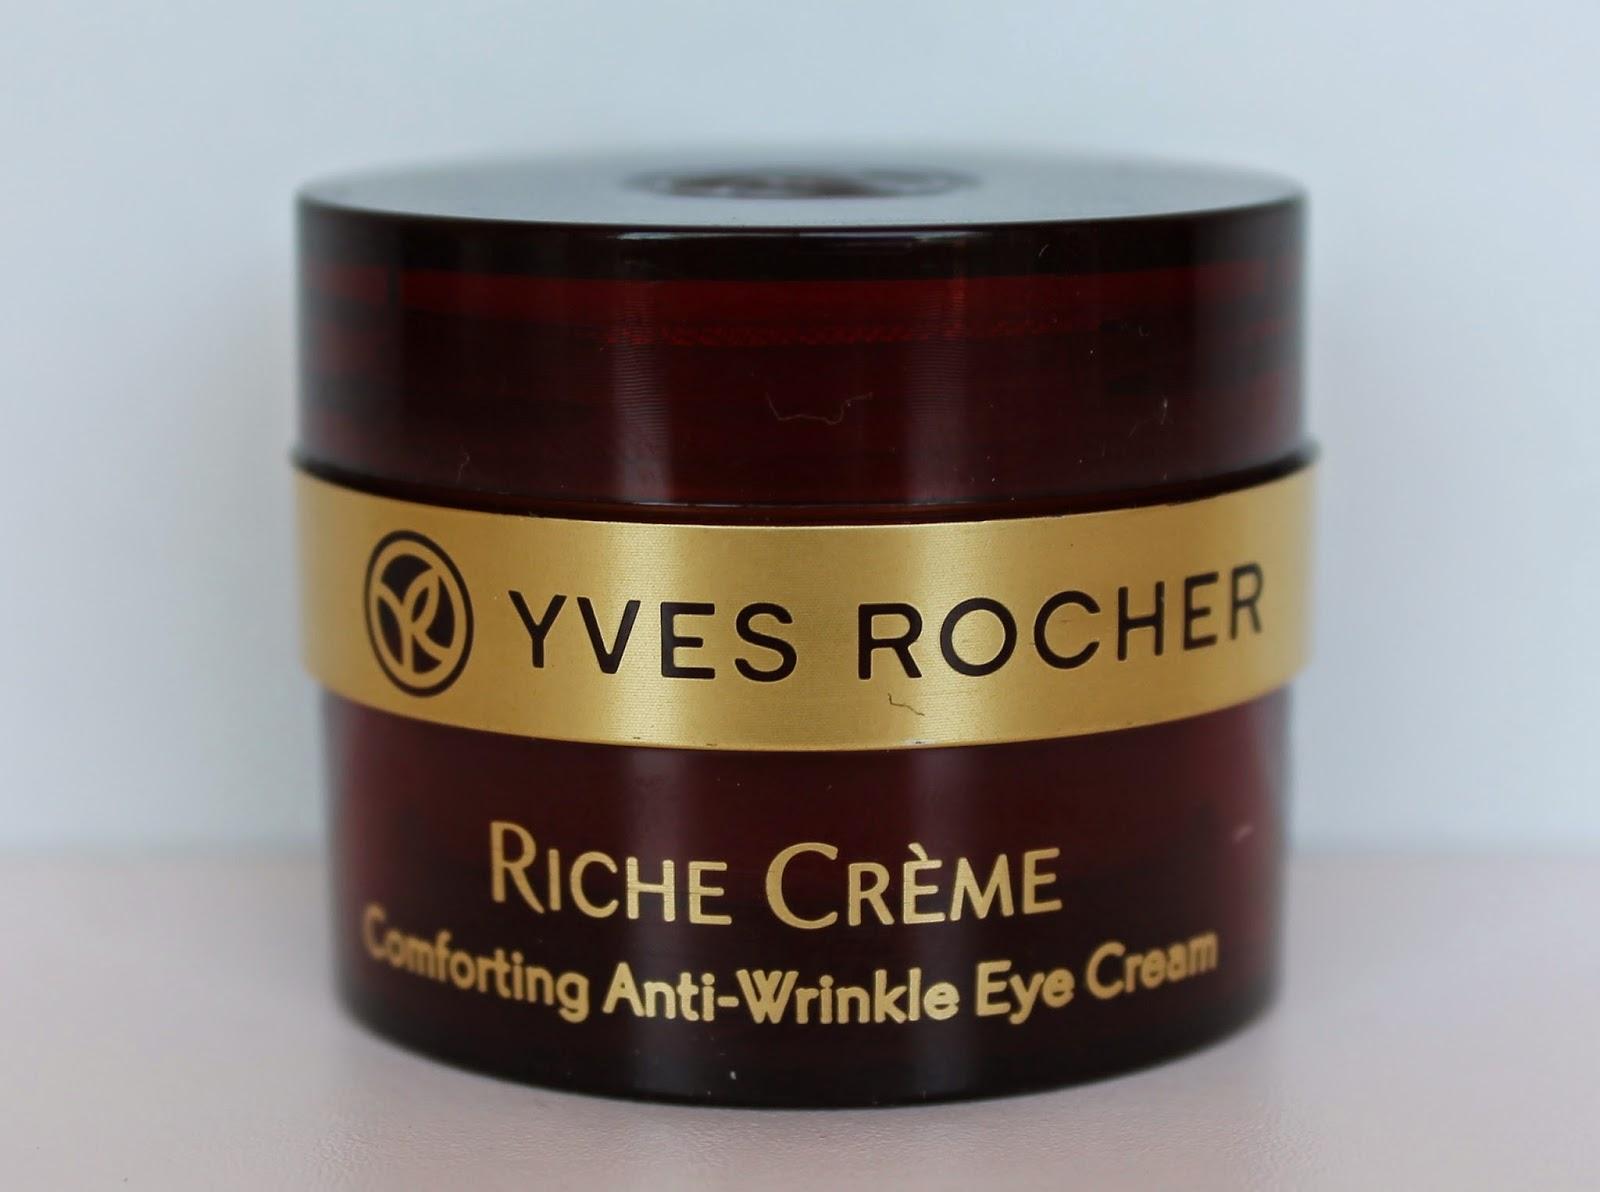 Yves Rocher Riche Crème Contour des yeux